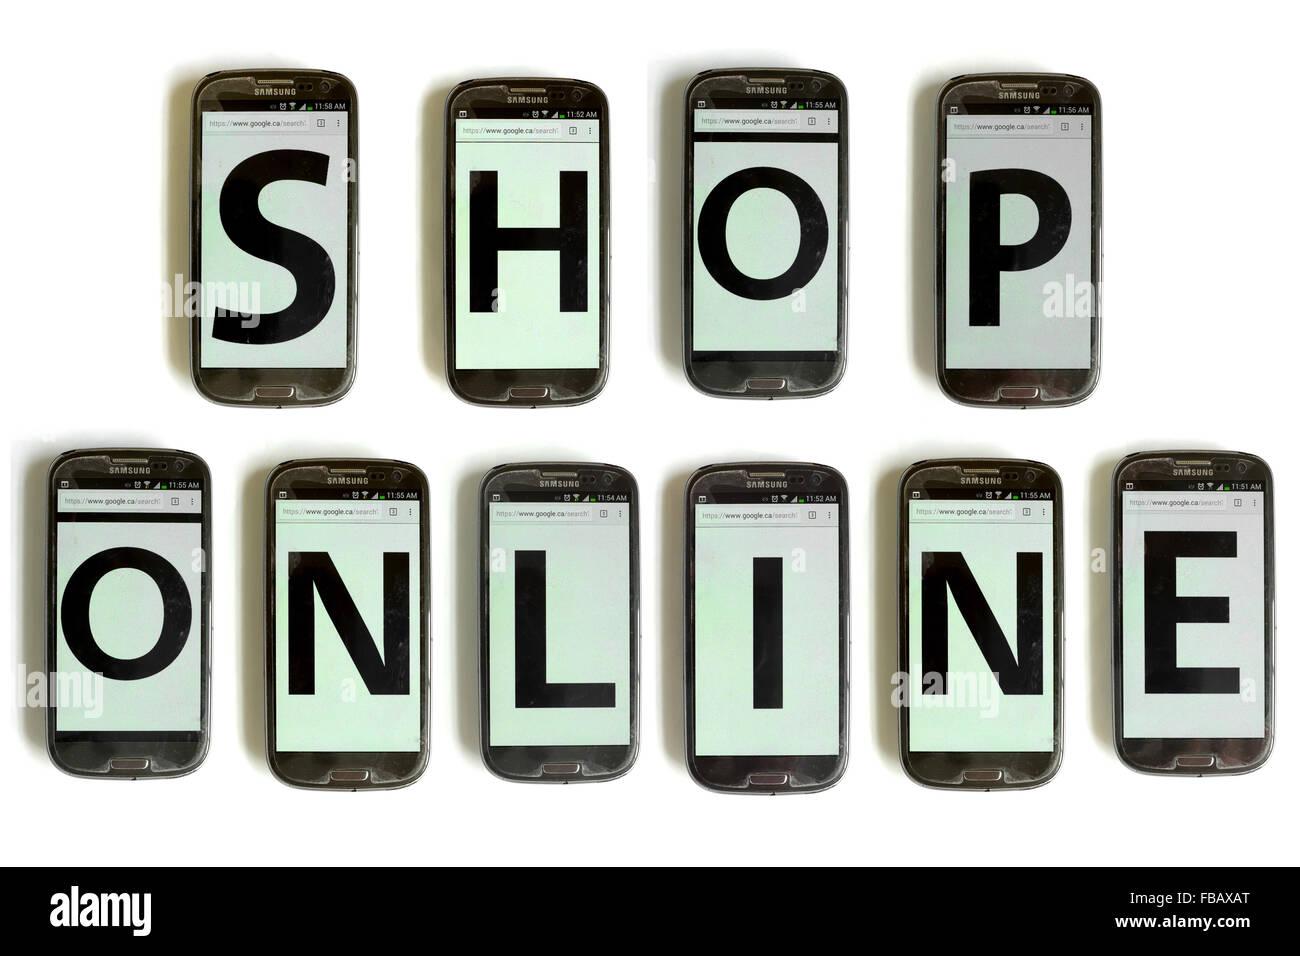 Tienda Online establecidas con pantallas de móvil fotografiado contra un fondo blanco. Foto de stock